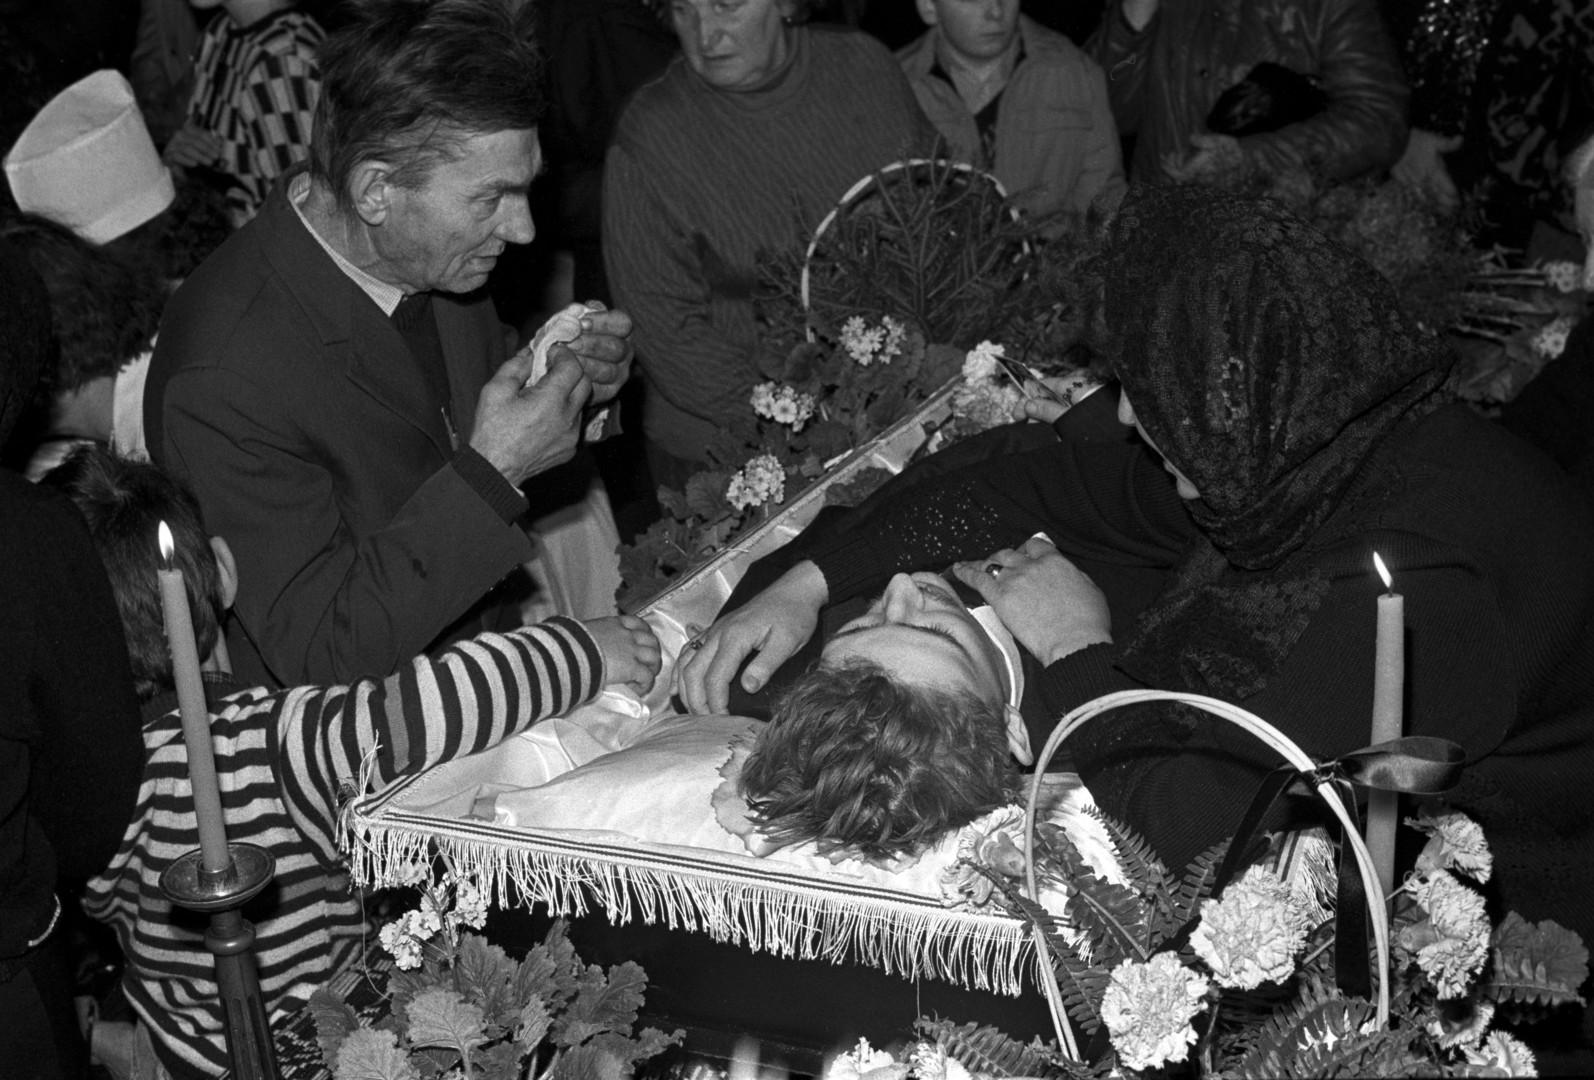 Beerdigung von Litauern, die bei der Räumung des Fernsehturms von Vilnius getötet wurden, 23. Januar 1991.